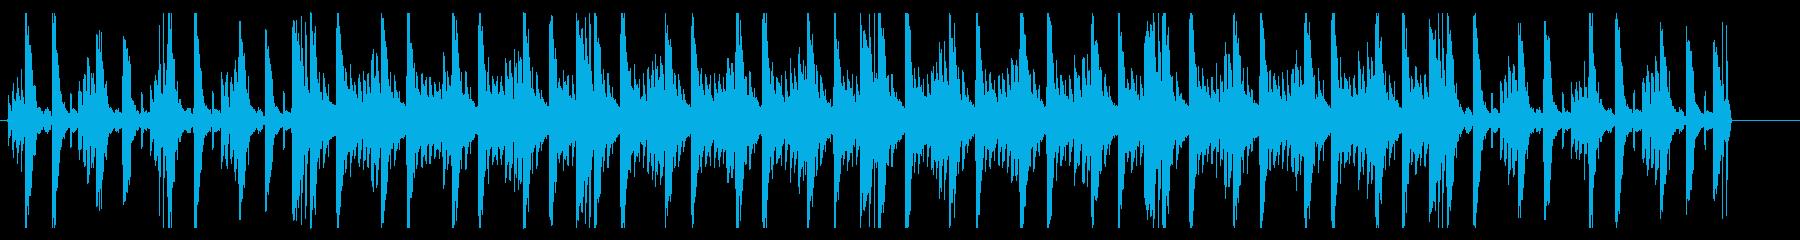 オーガニックアジアンヒーリングBGMの再生済みの波形